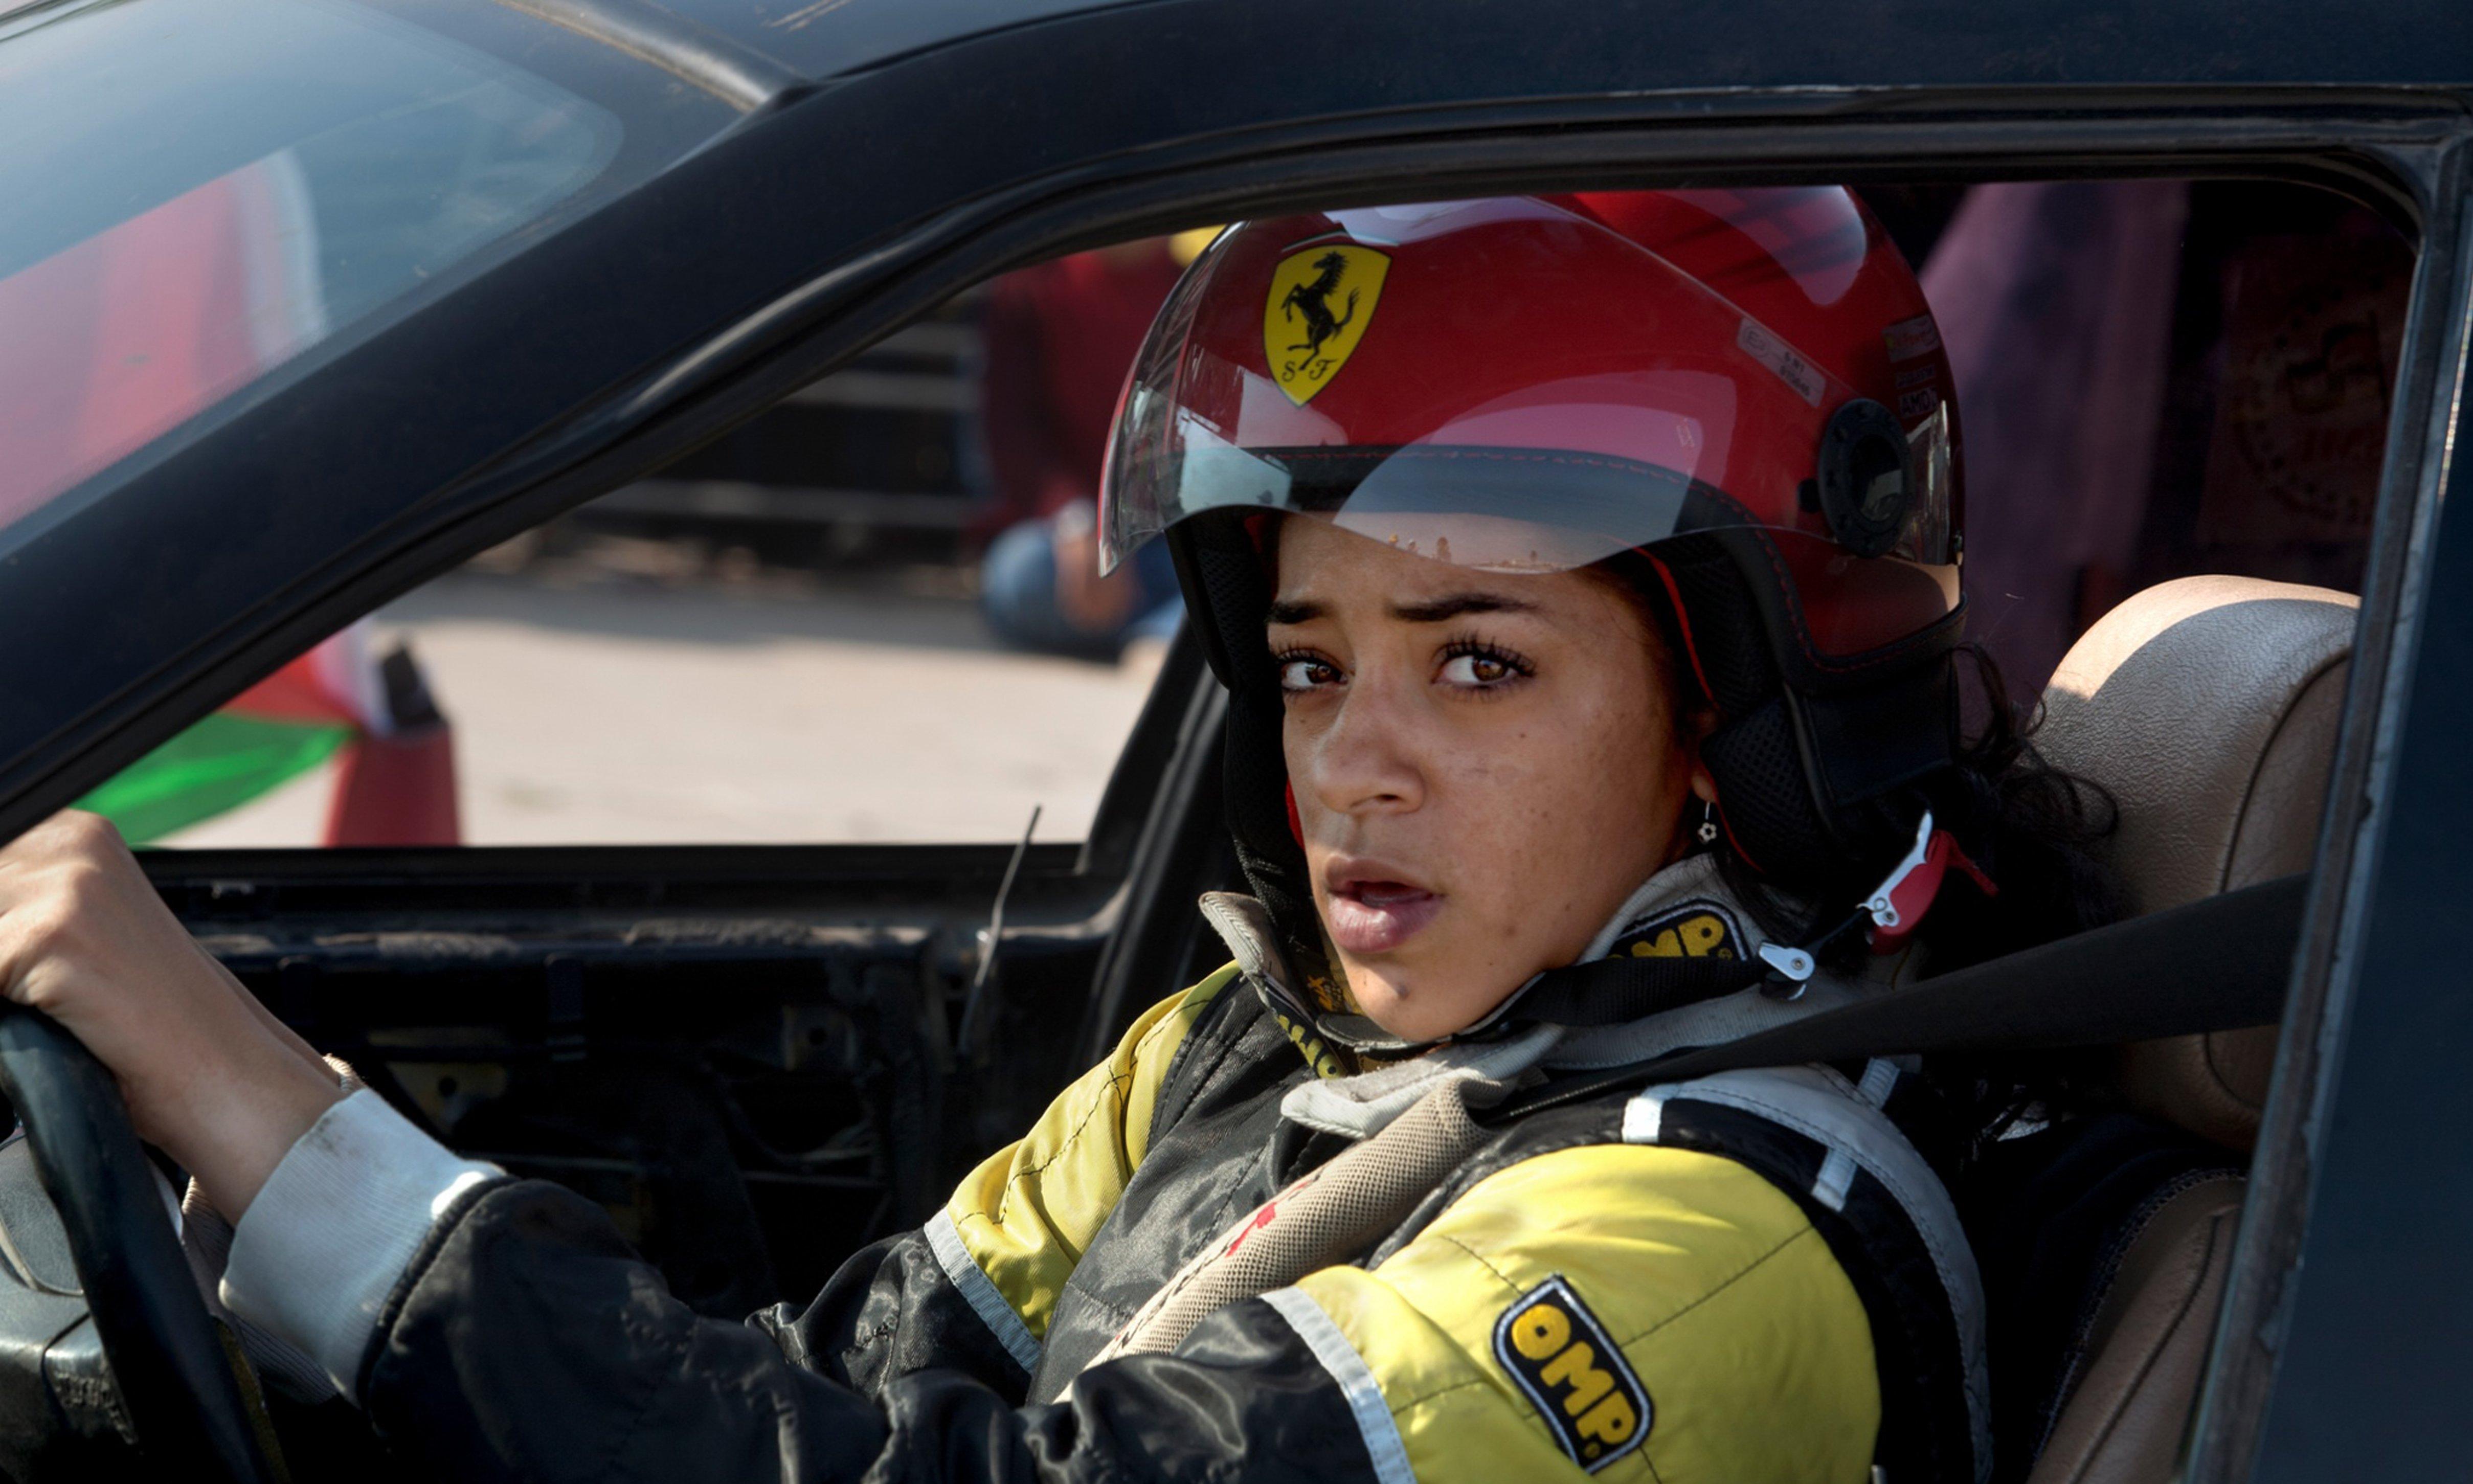 Racconta come cinque donne hanno conquistato un posto nella scena tutta al maschile delle gare automobilistiche palestinesi. Il documentario è presentato in sala dalla giornalista Jessica Cugini lunedì 24 ottobre alle 20.30.